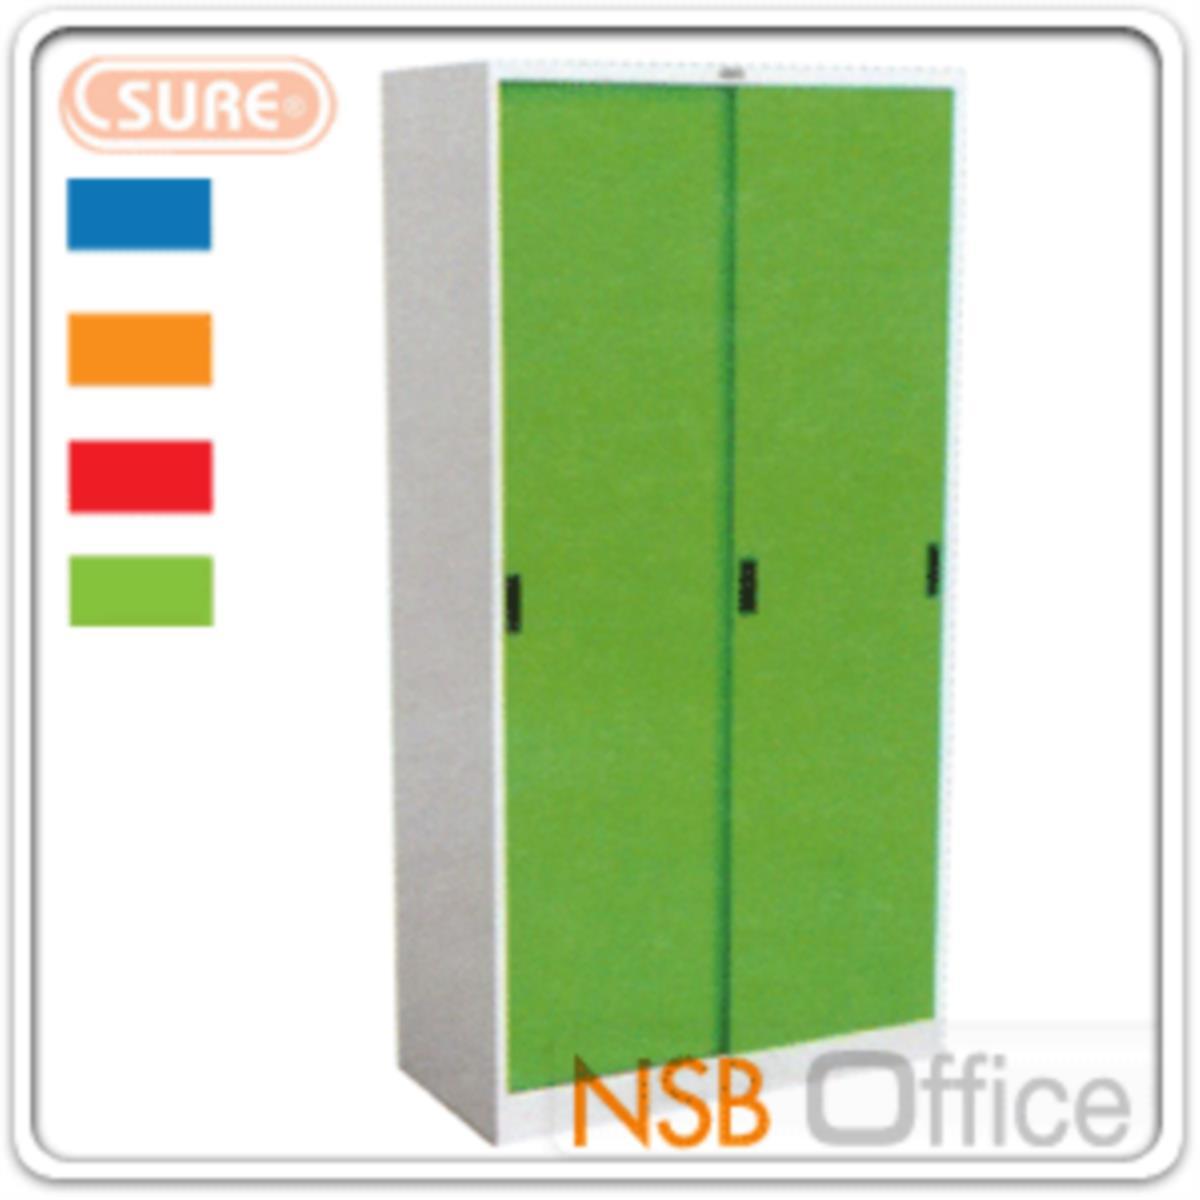 ตู้เหล็ก 2 บานเลื่อนทึบสูง 182.9H cm. รุ่น SURE-CLK-5 หน้าบานสีสัน